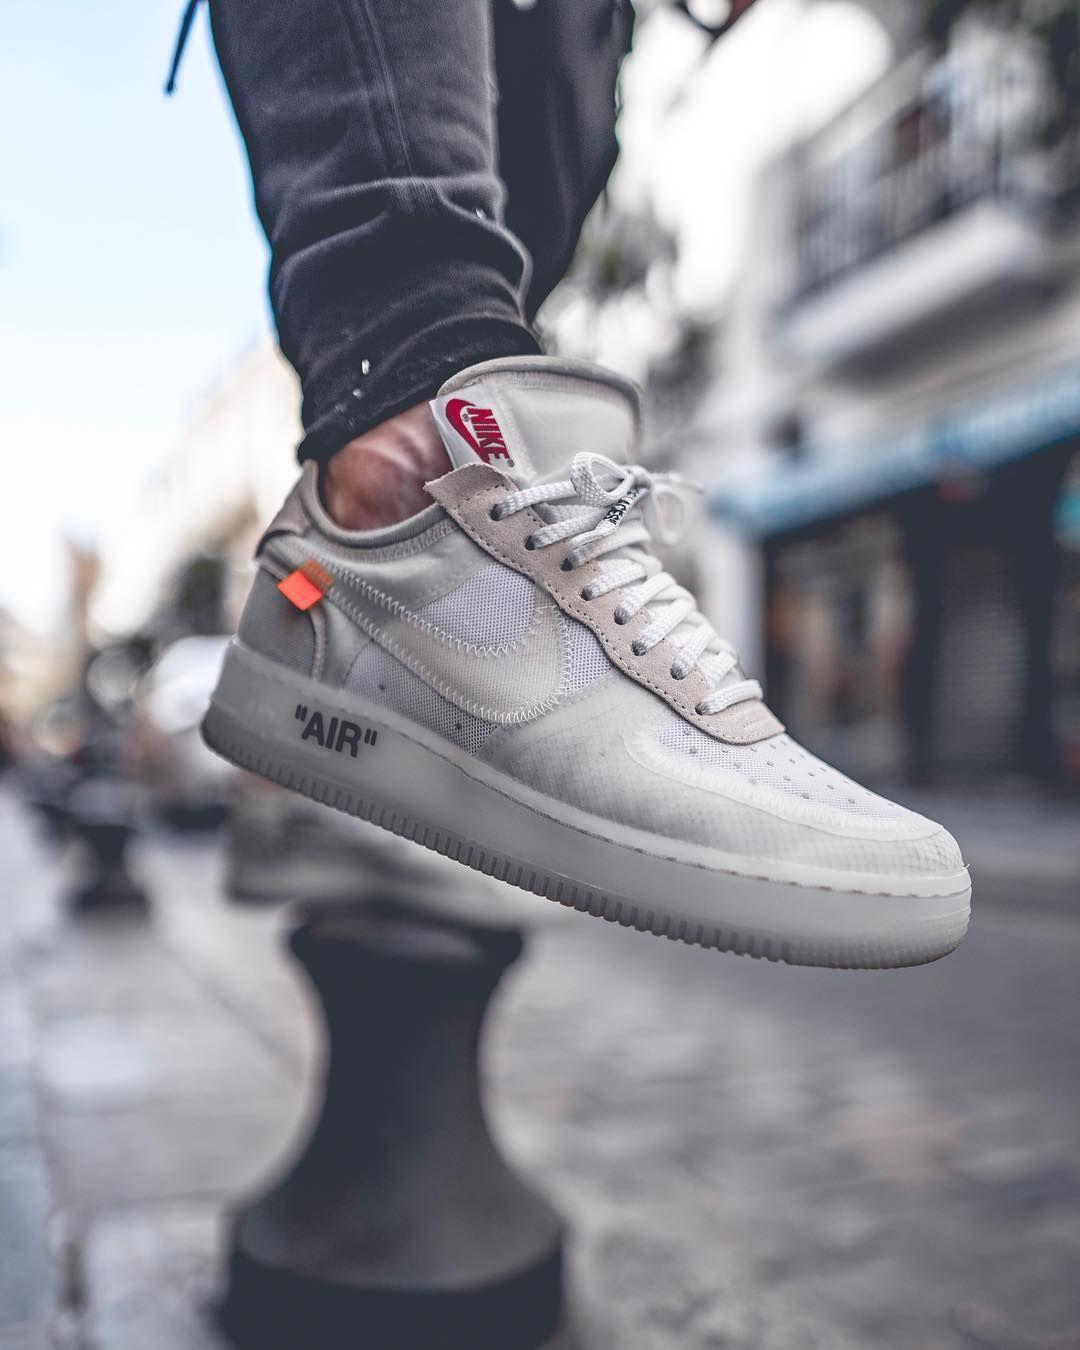 Off White X Nike Alle News Und Releasedates Der Beruchtigten Collabo Turnschuhe Nike Schuhe